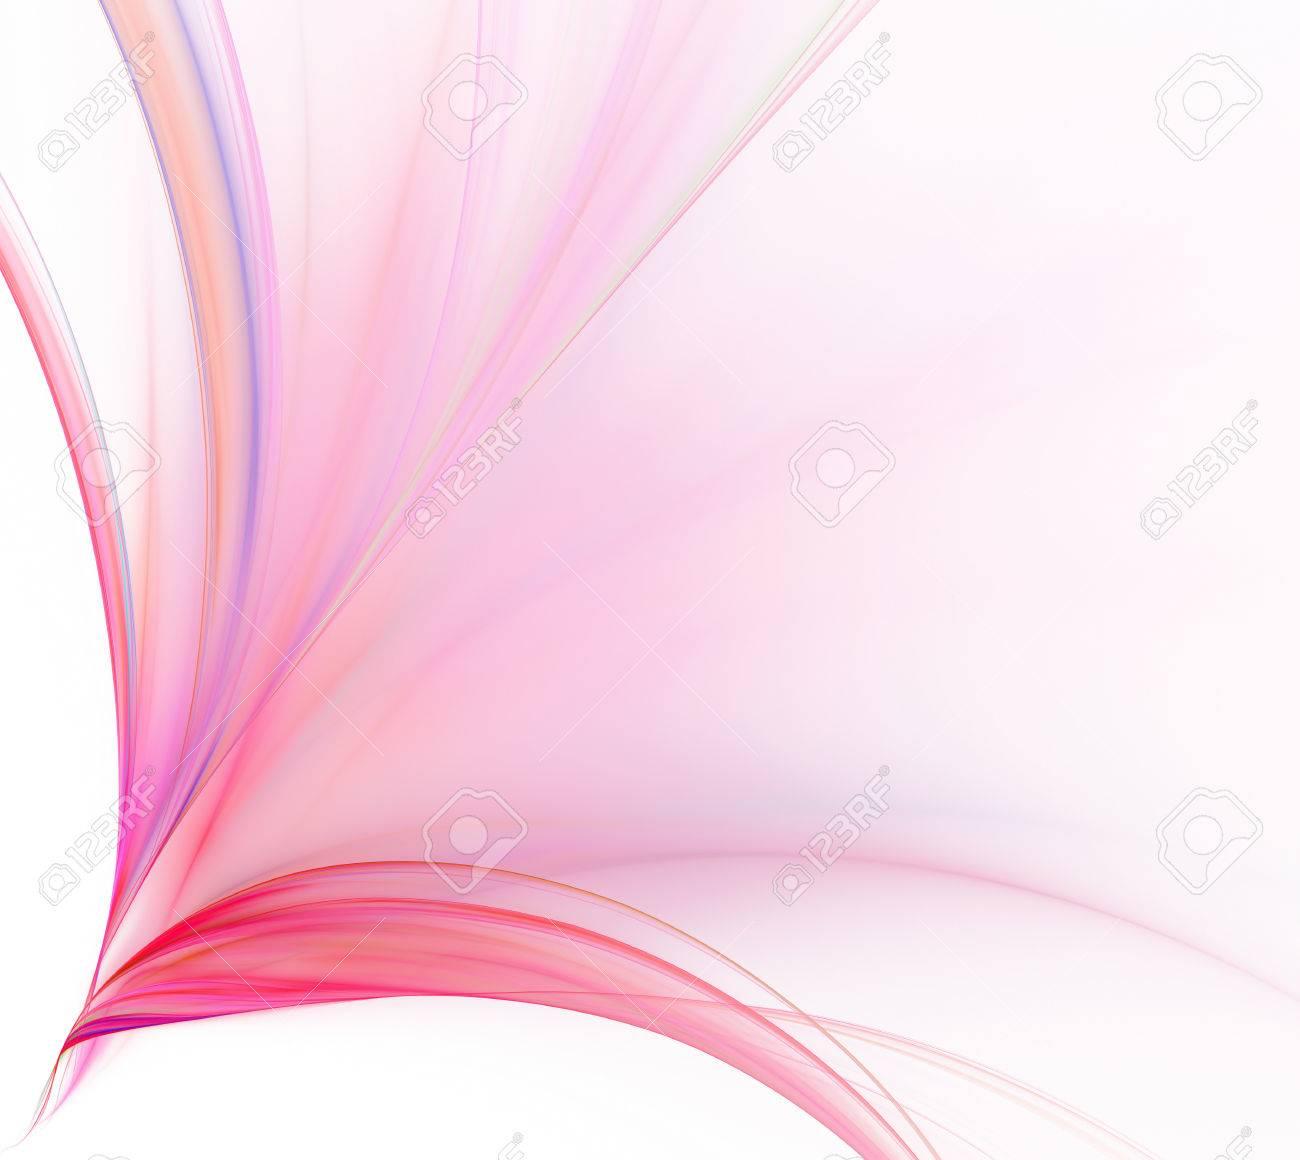 Immagini Stock Astratto Sfondo Bianco Esplosione Colorata O